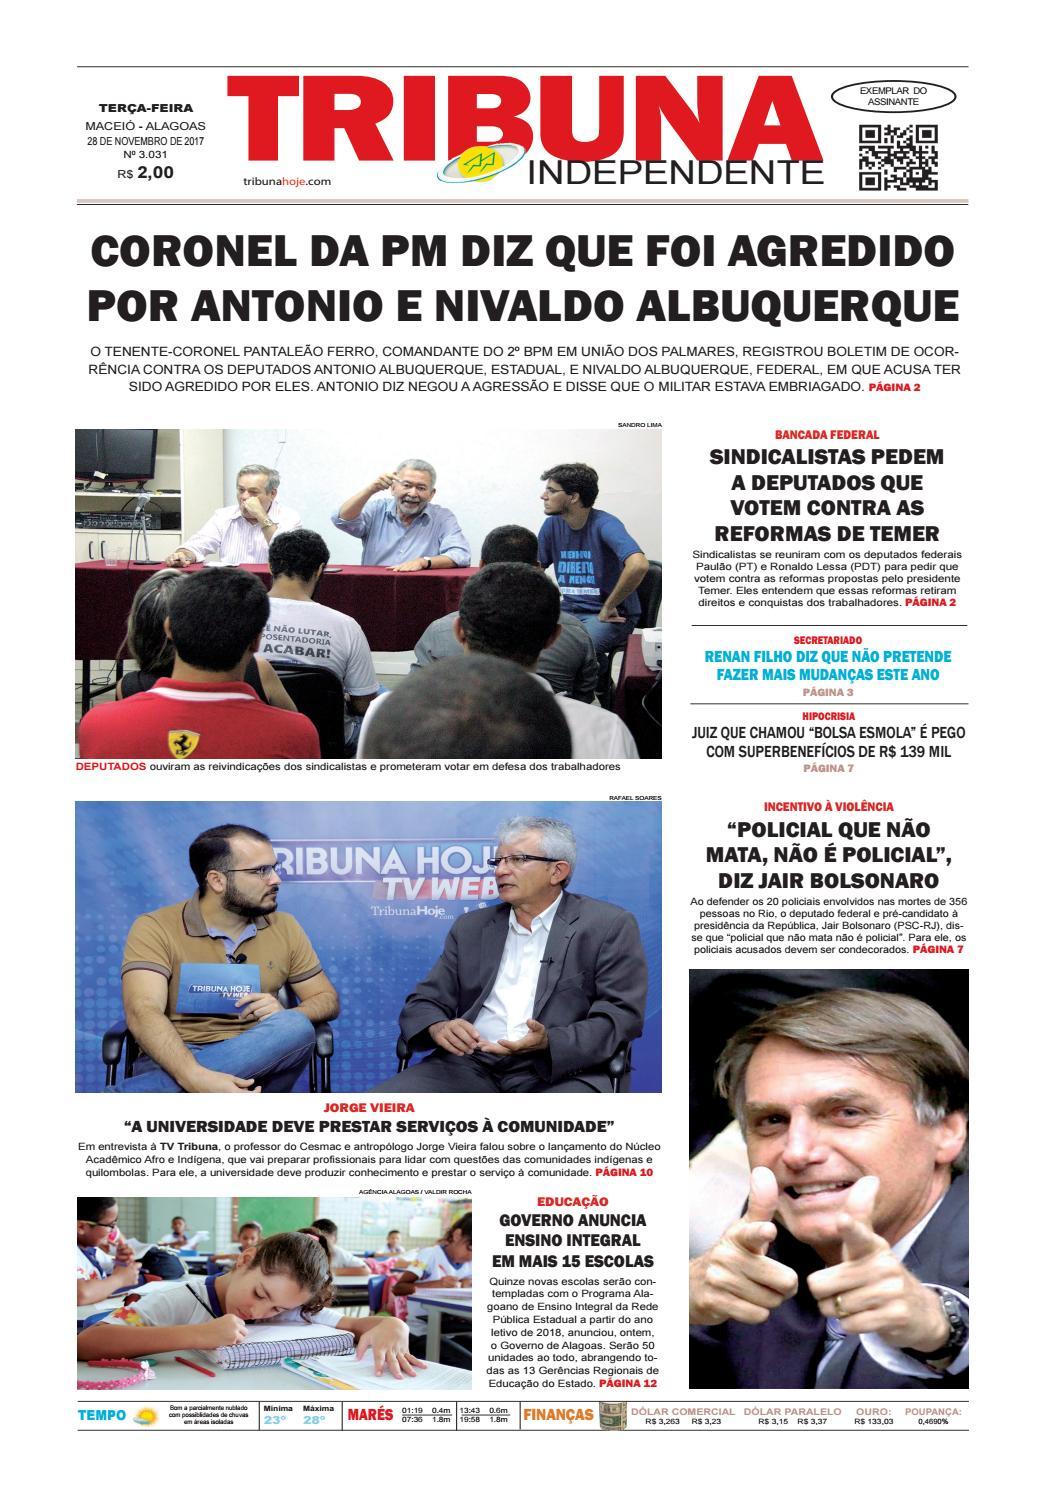 7b70d28b3 Edição número 3031 - 28 de novembro de 2017 by Tribuna Hoje - issuu